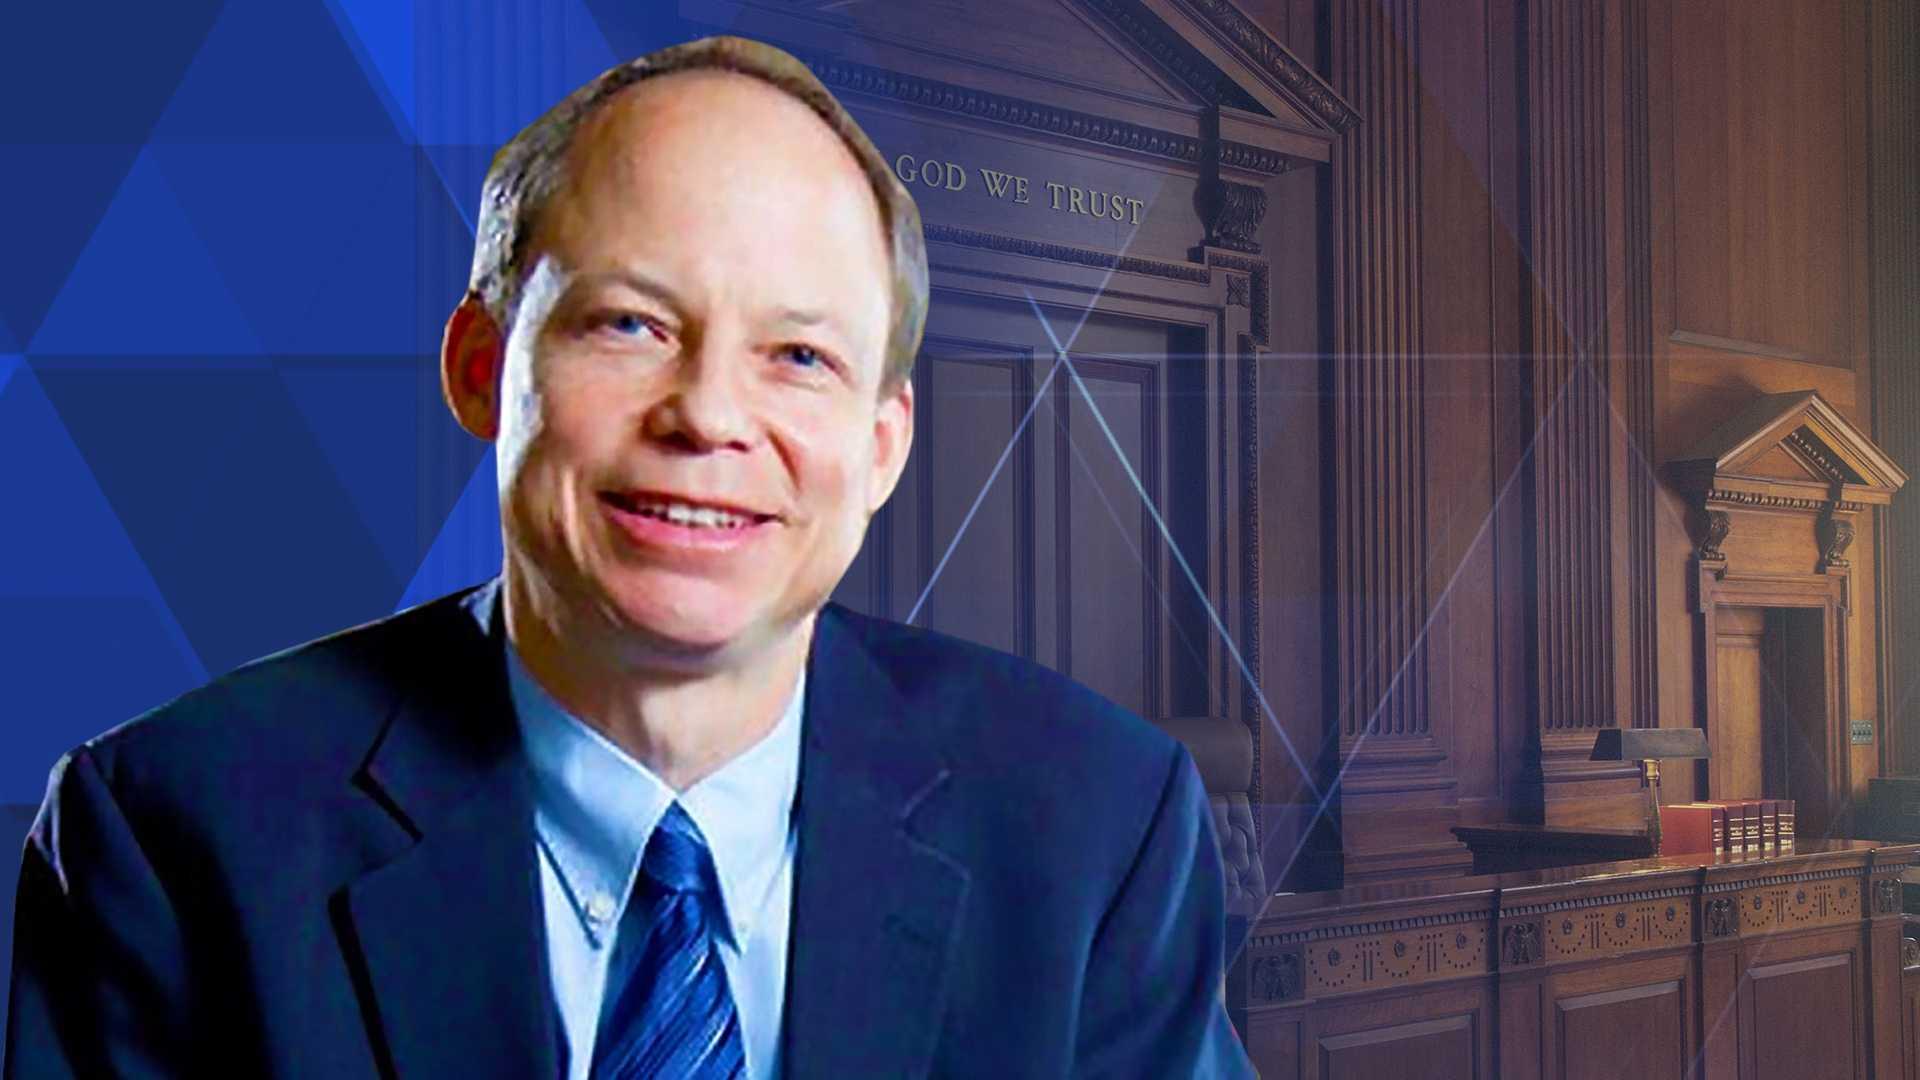 Judge Aaron Persky